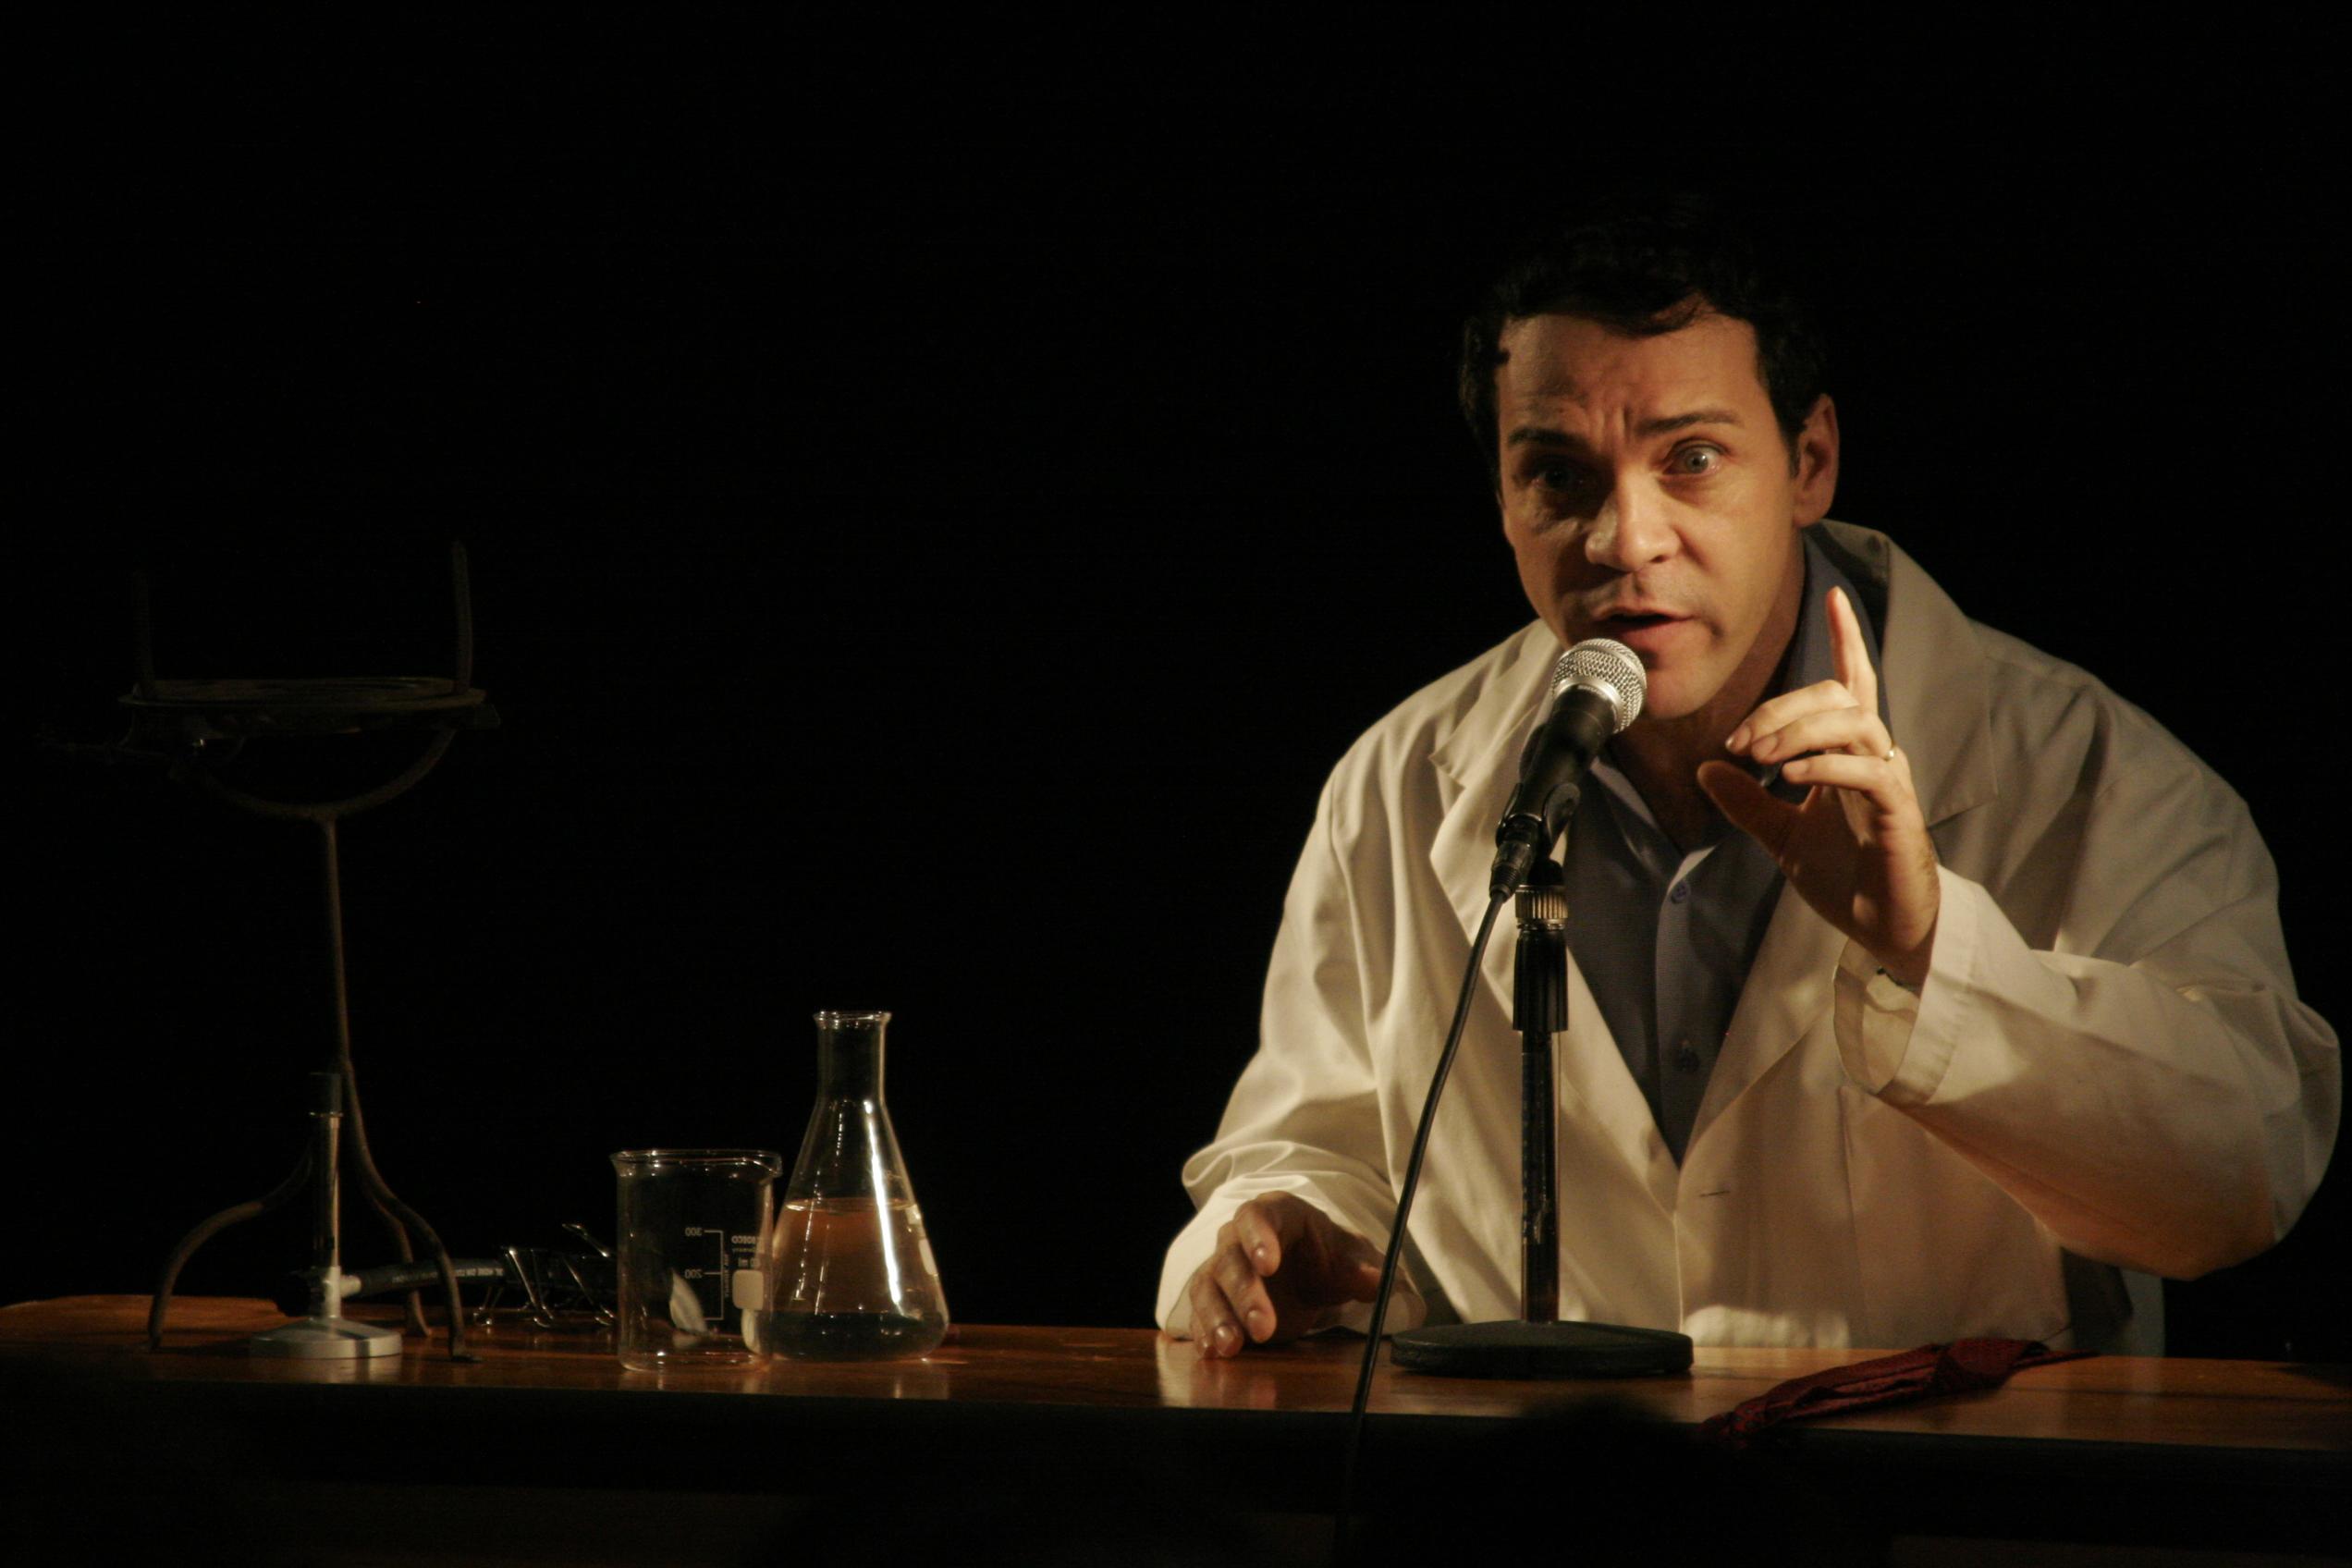 Una obra de teatro recorre las fases de la esquizofrenia